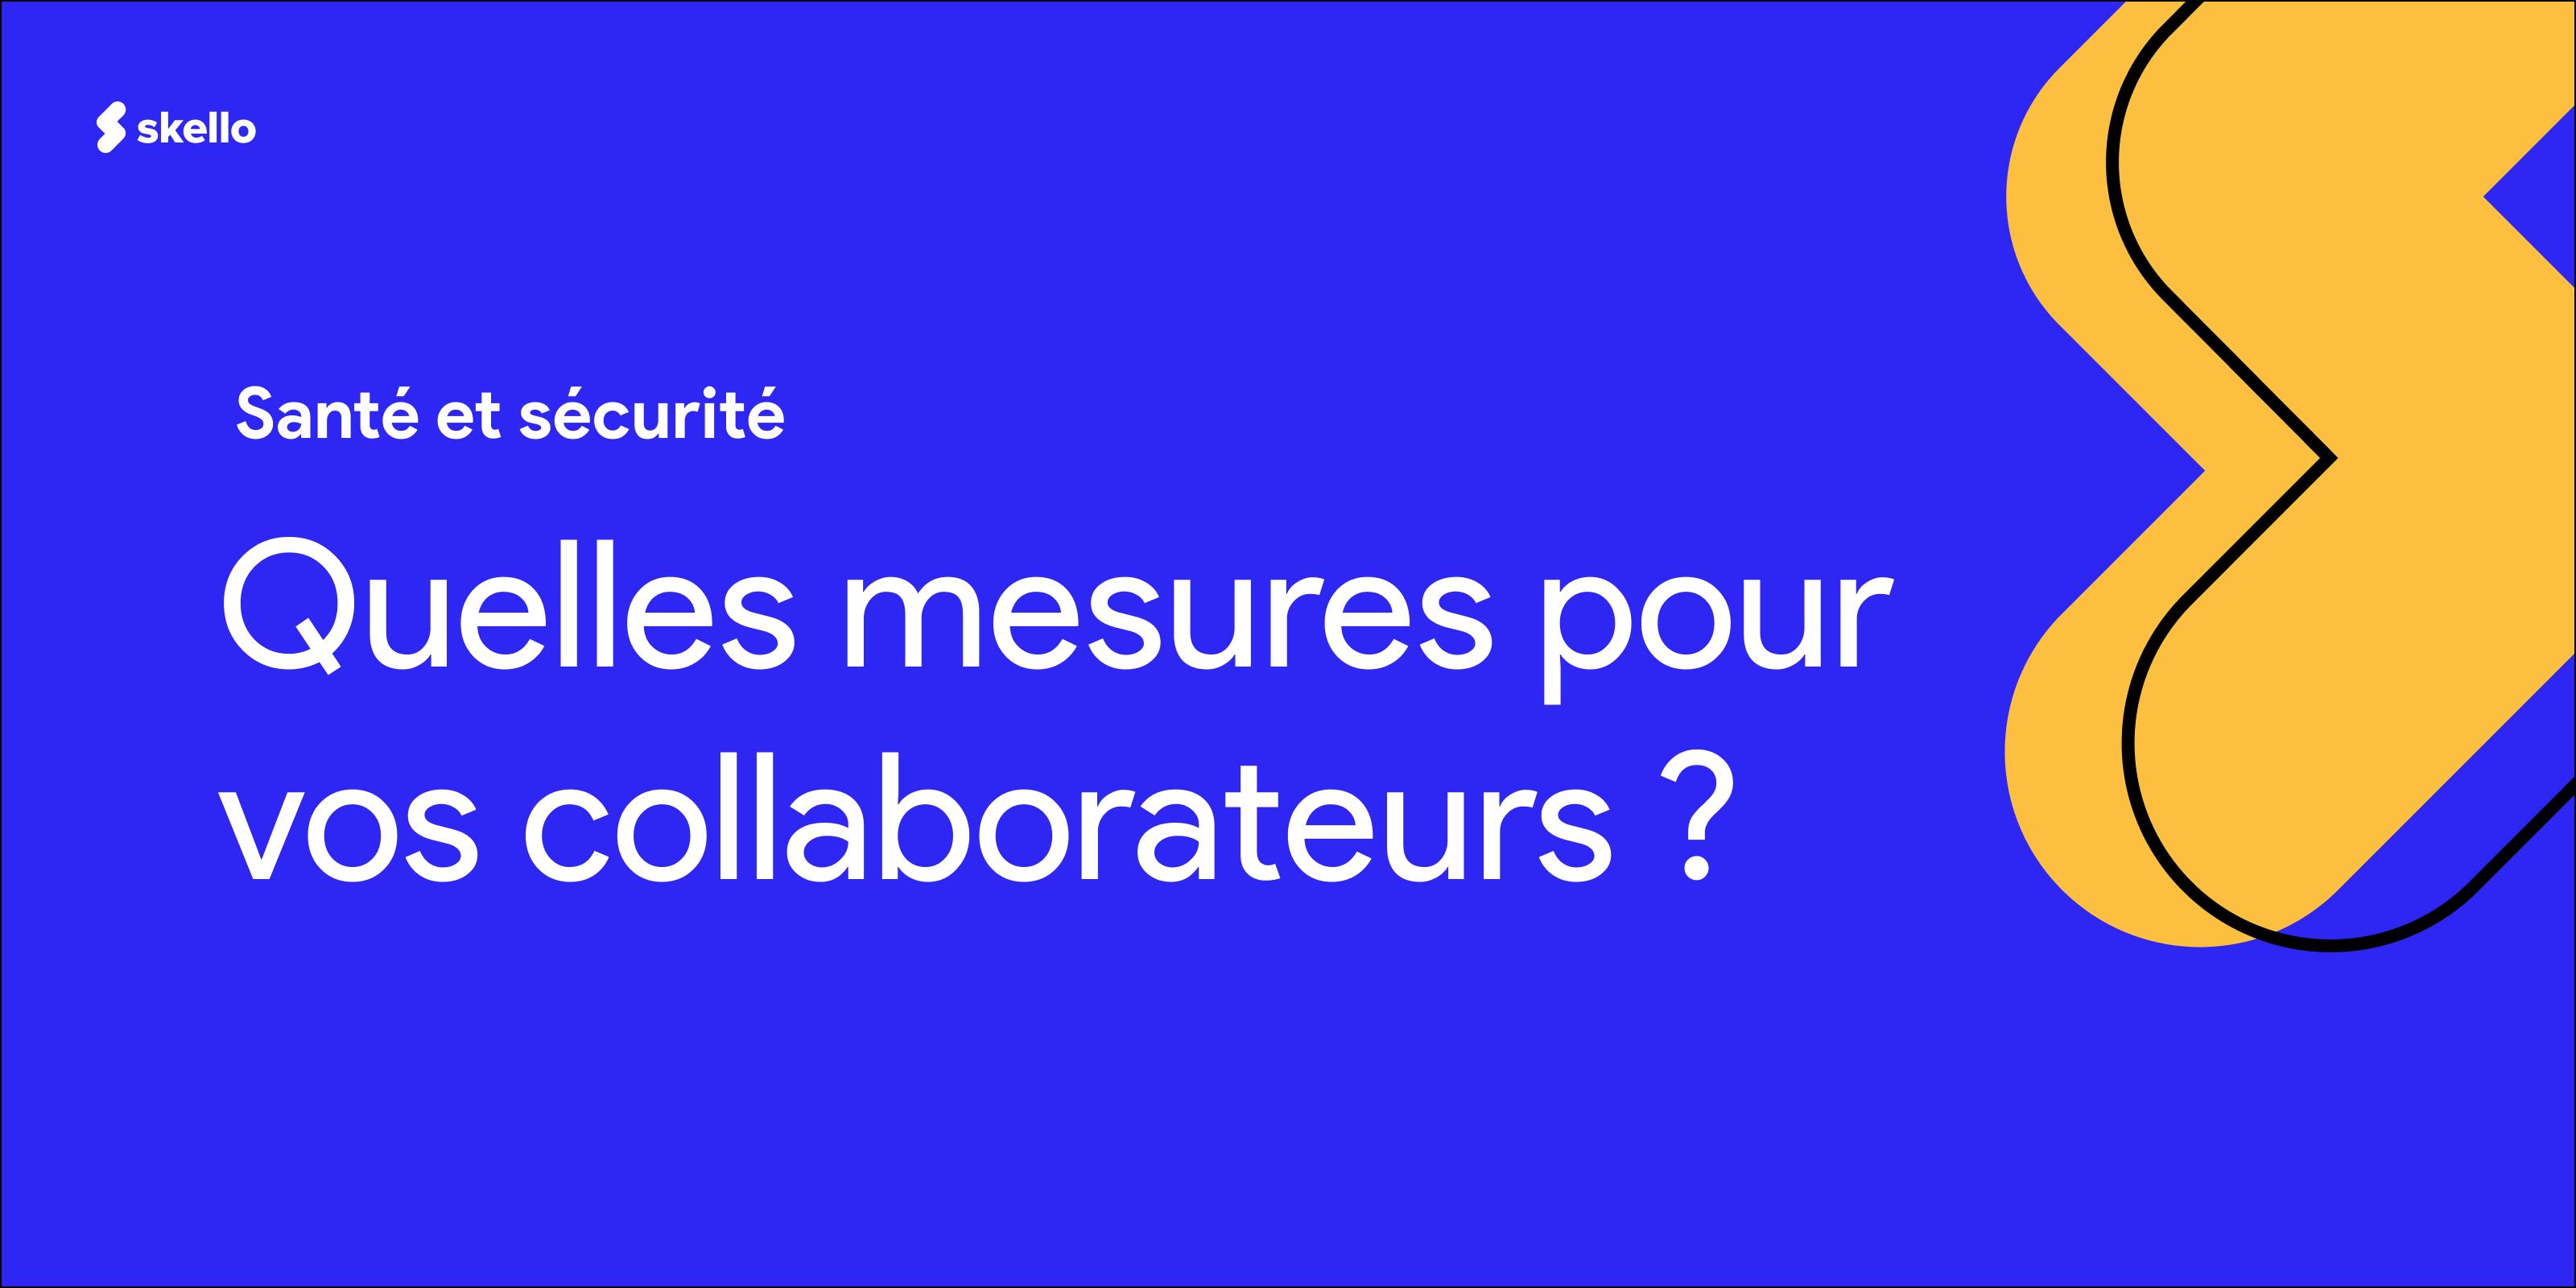 Quelles mesures pour assurer la sécurité et santé de vos collaborateurs?